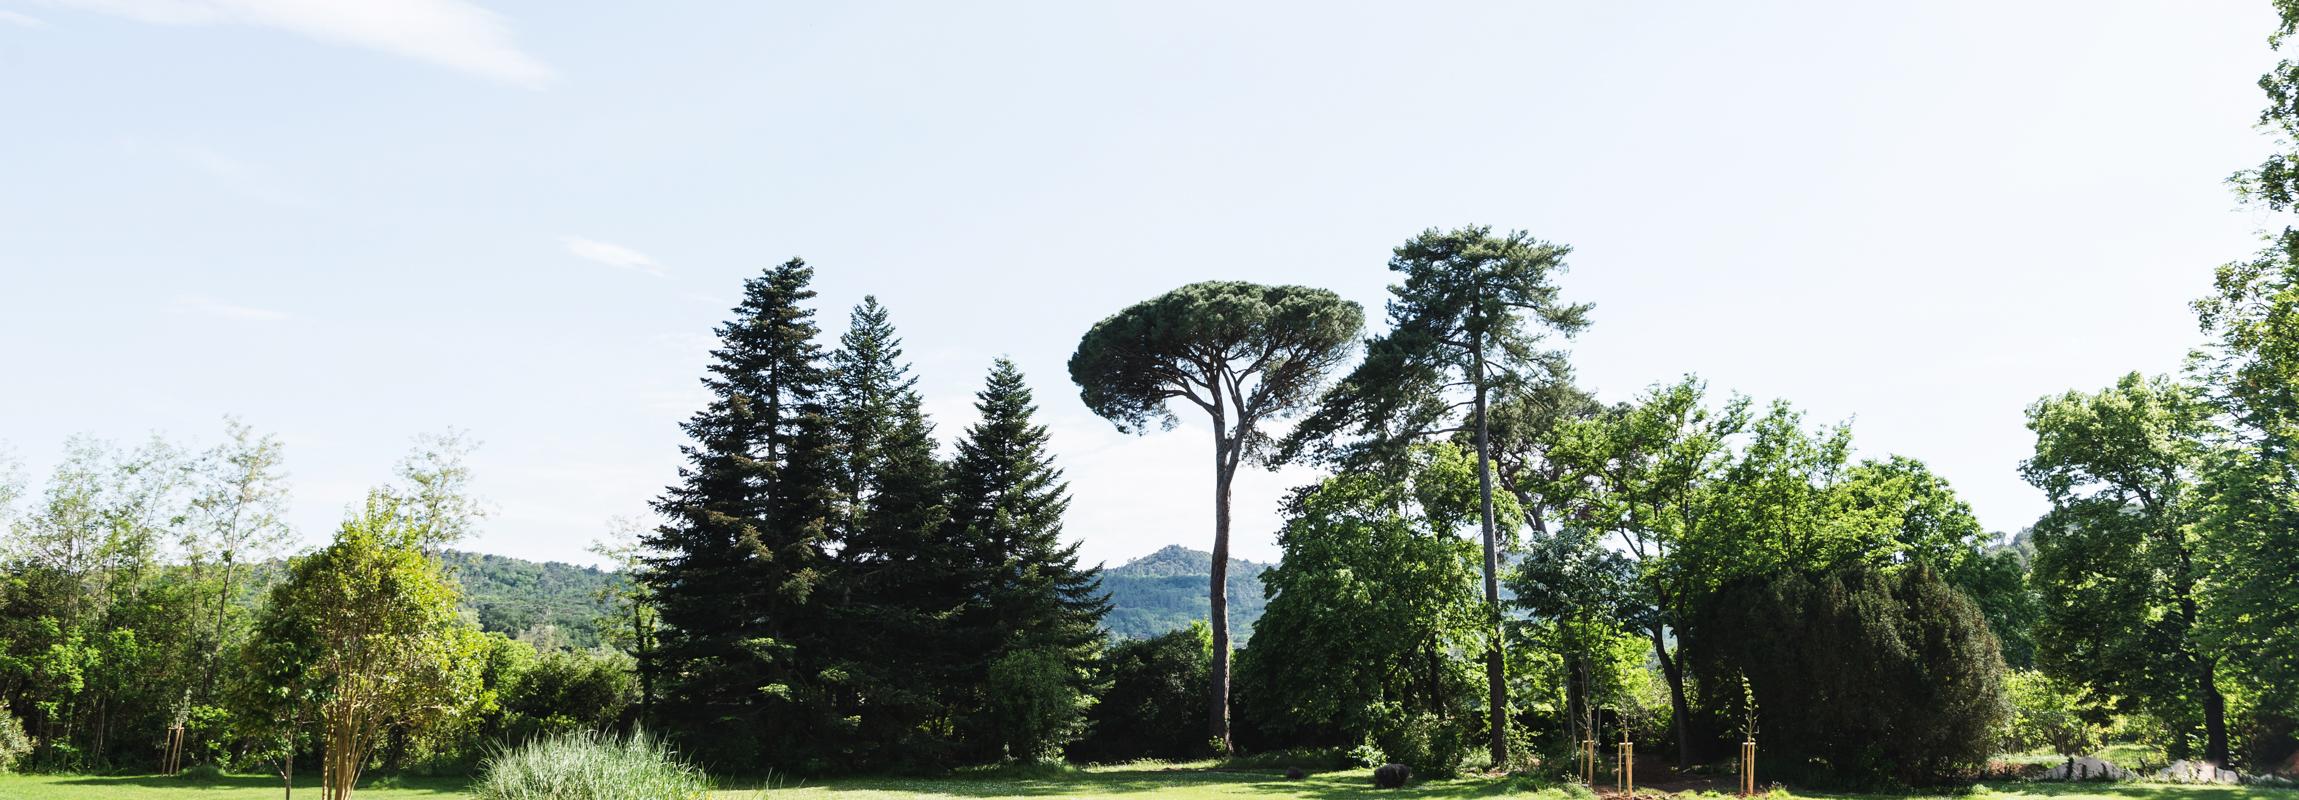 Alte und neue Bäume bilden das Inventar eines magischen Ortes - dem Schlosspark des Hotel Château de Montcaud, Provence, Südfrankreich.